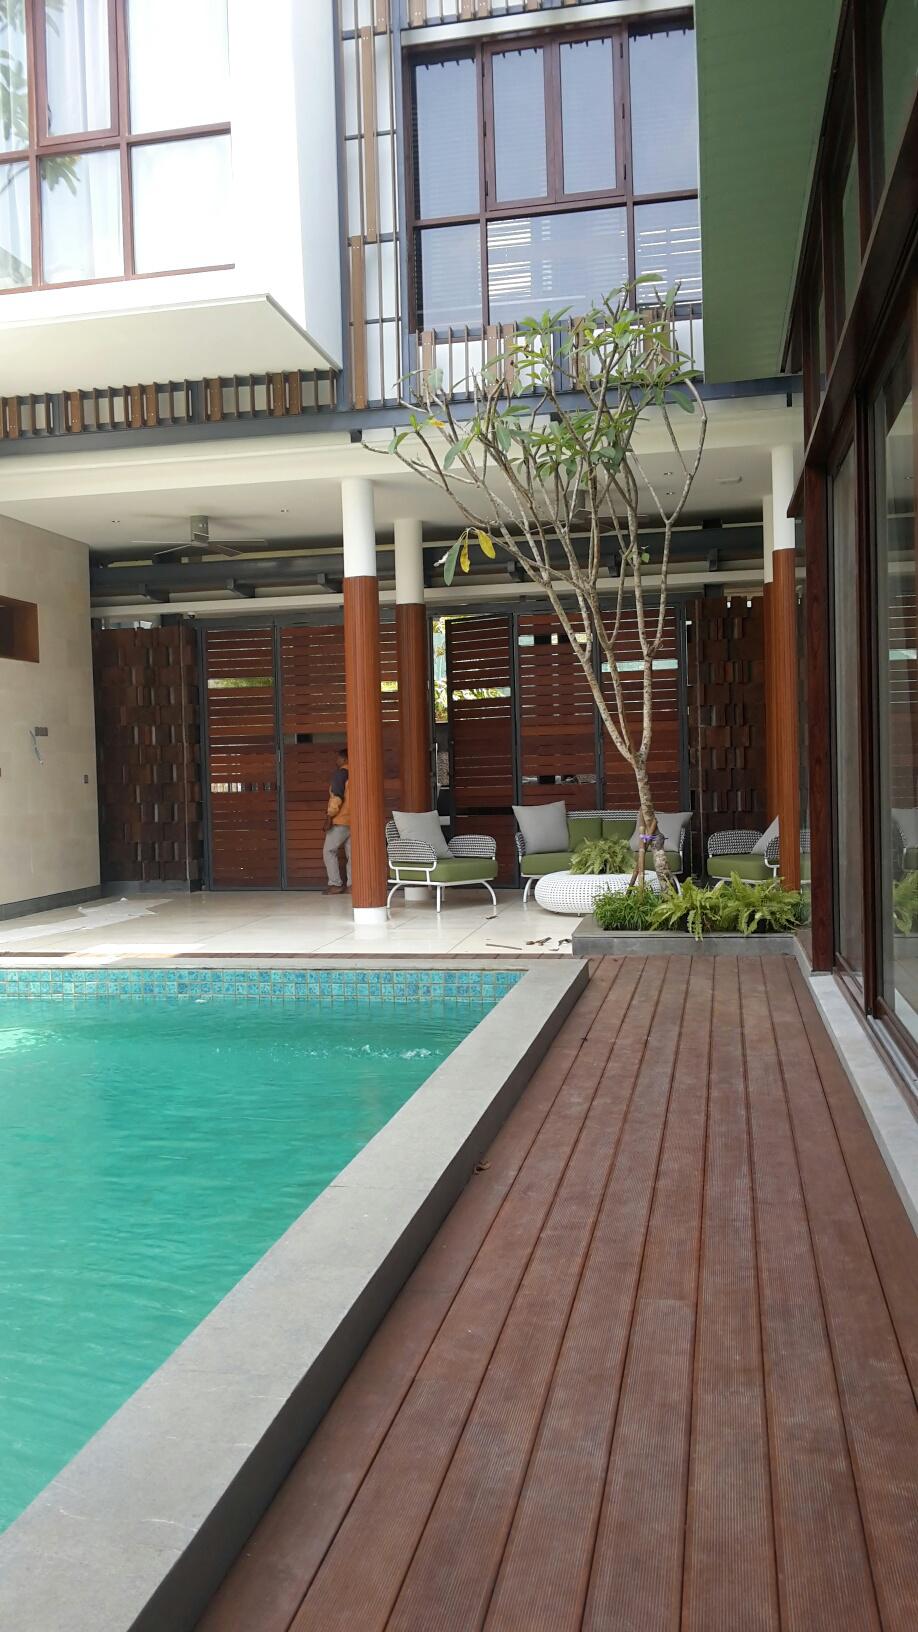 Rumah Tinggal Jl. Denpasar